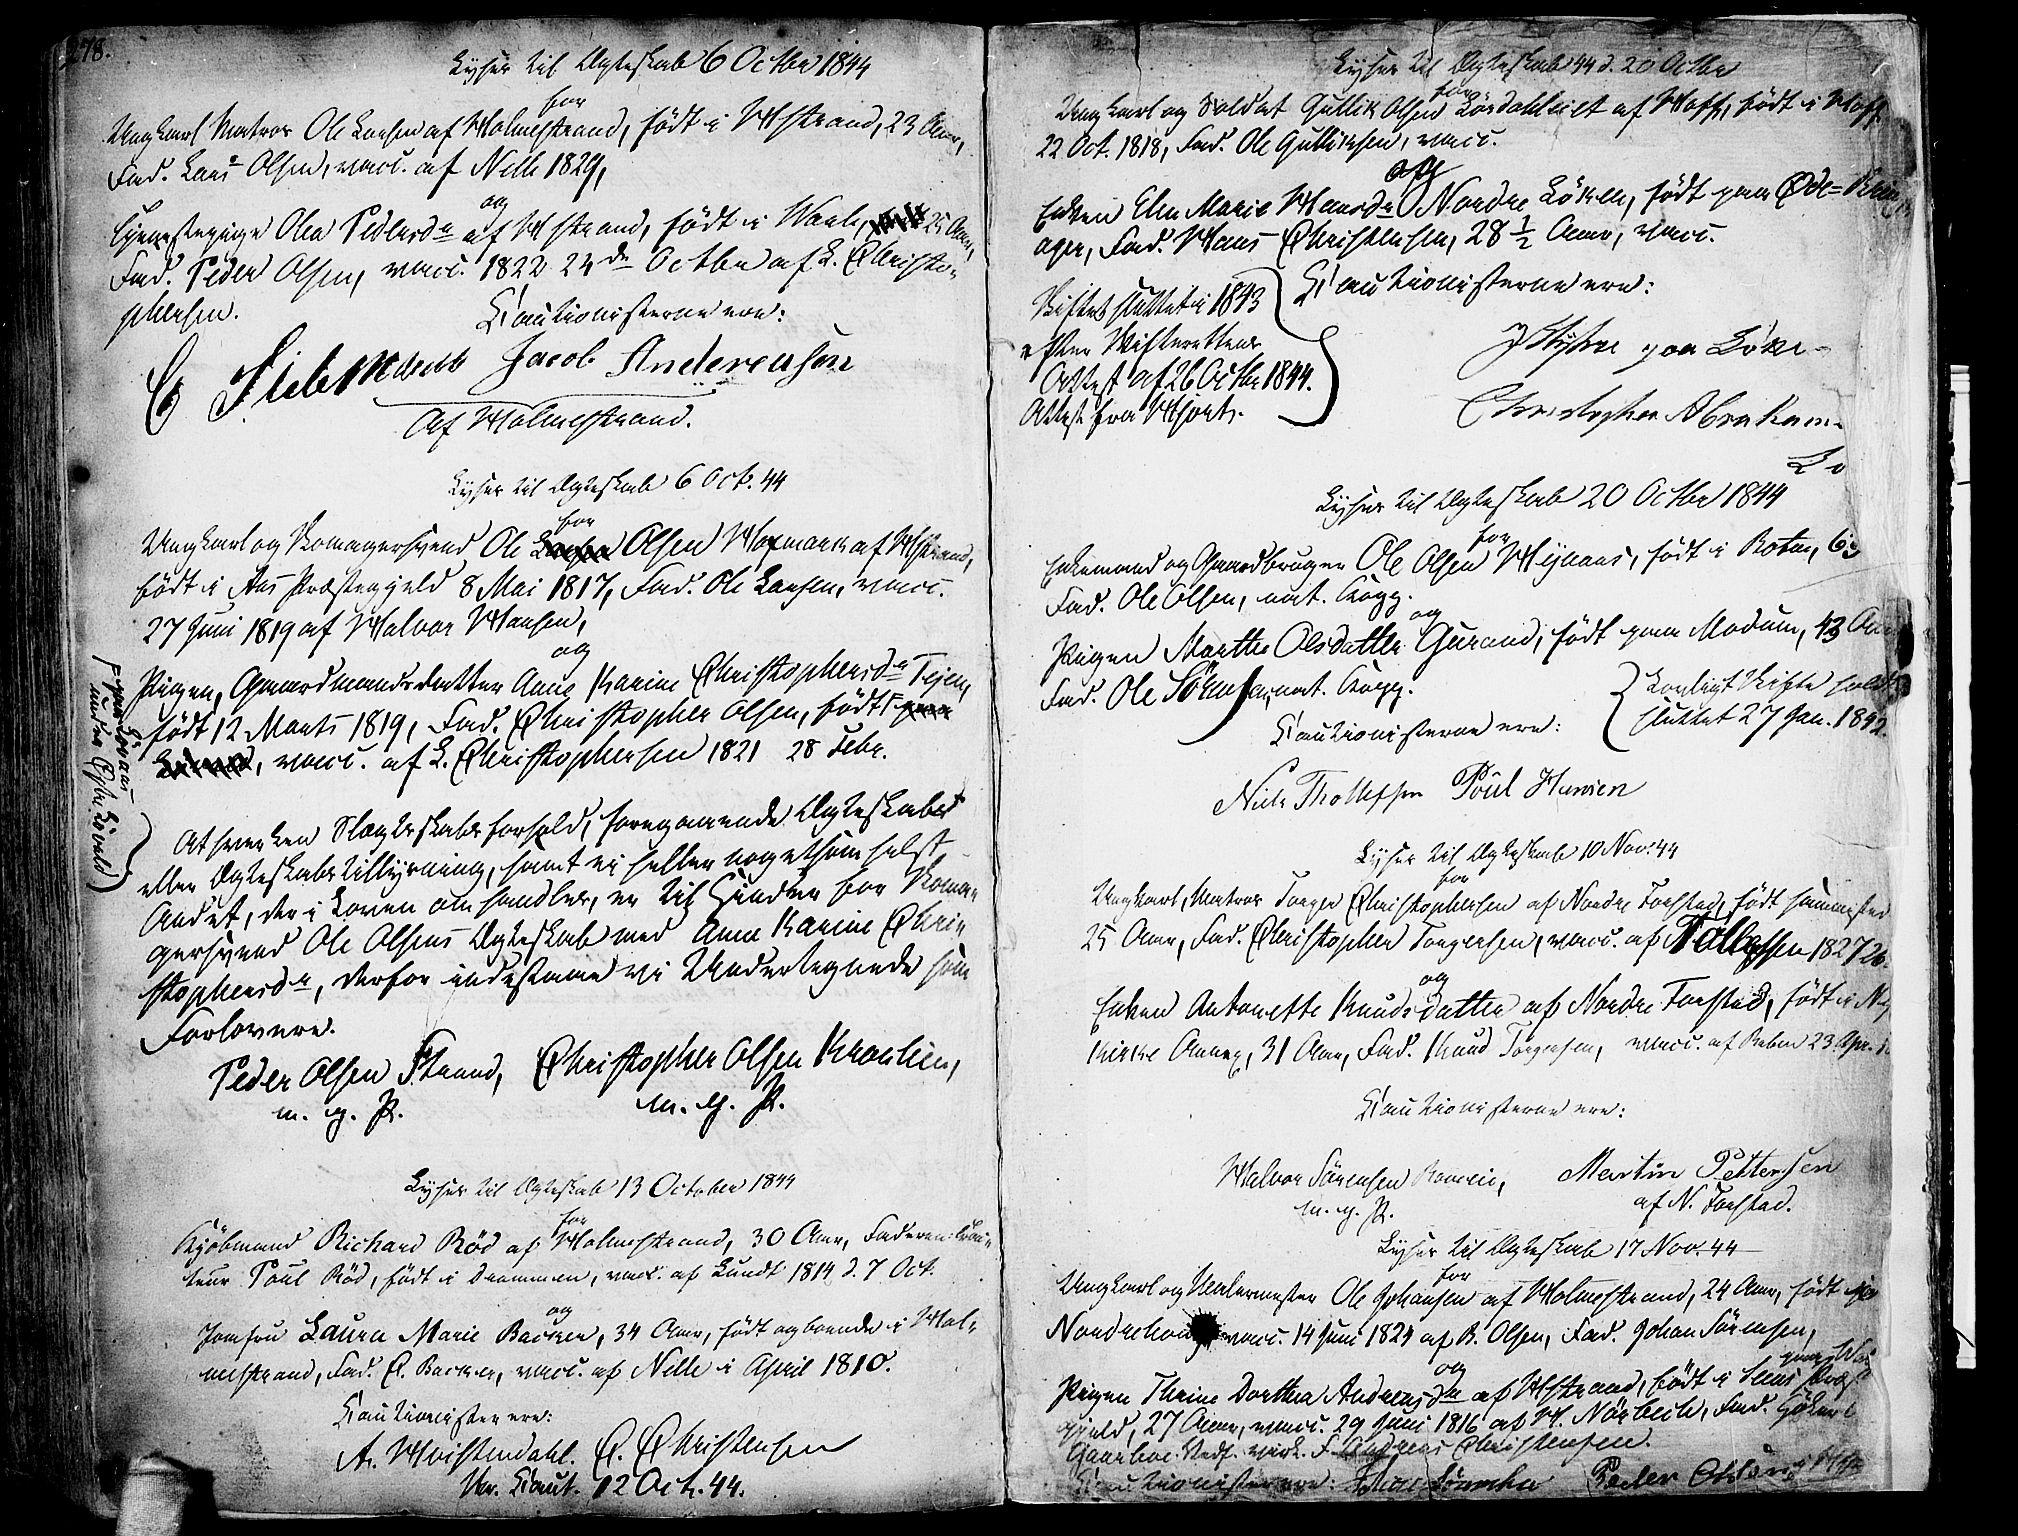 SAKO, Botne kirkebøker, F/Fa/L0003: Ministerialbok nr. I 3 /1, 1792-1844, s. 278-279